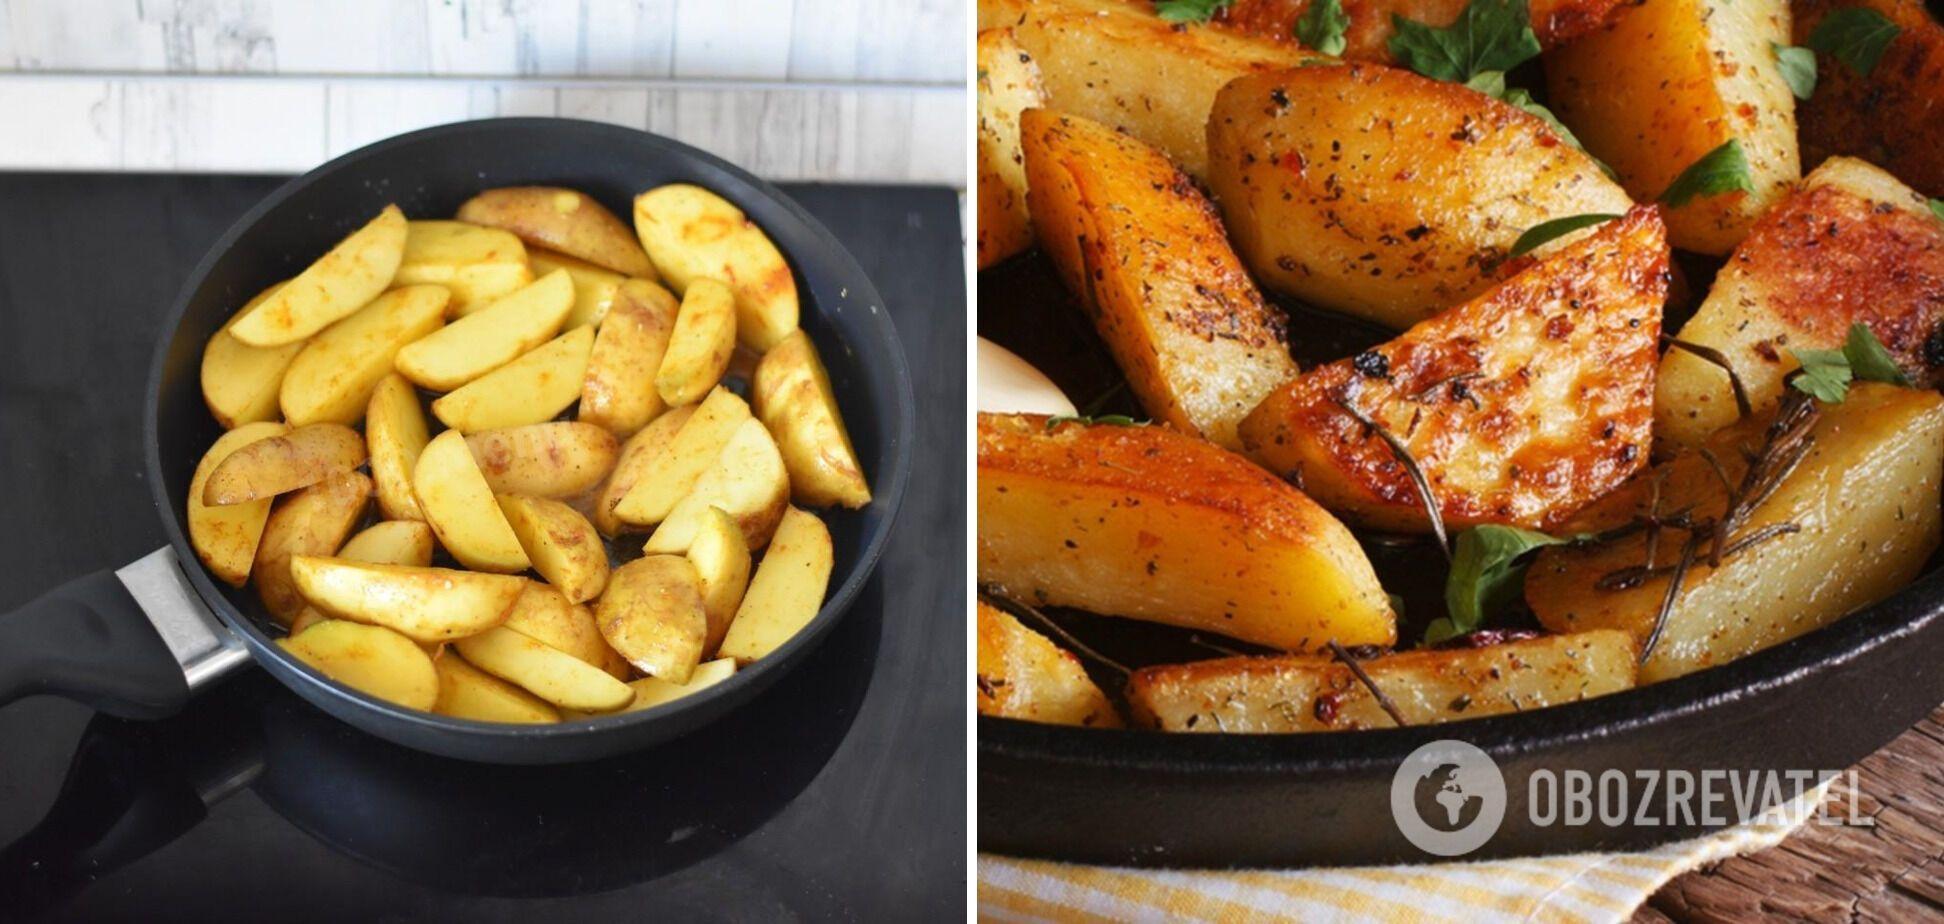 Картофель по-деревенски на сковородке